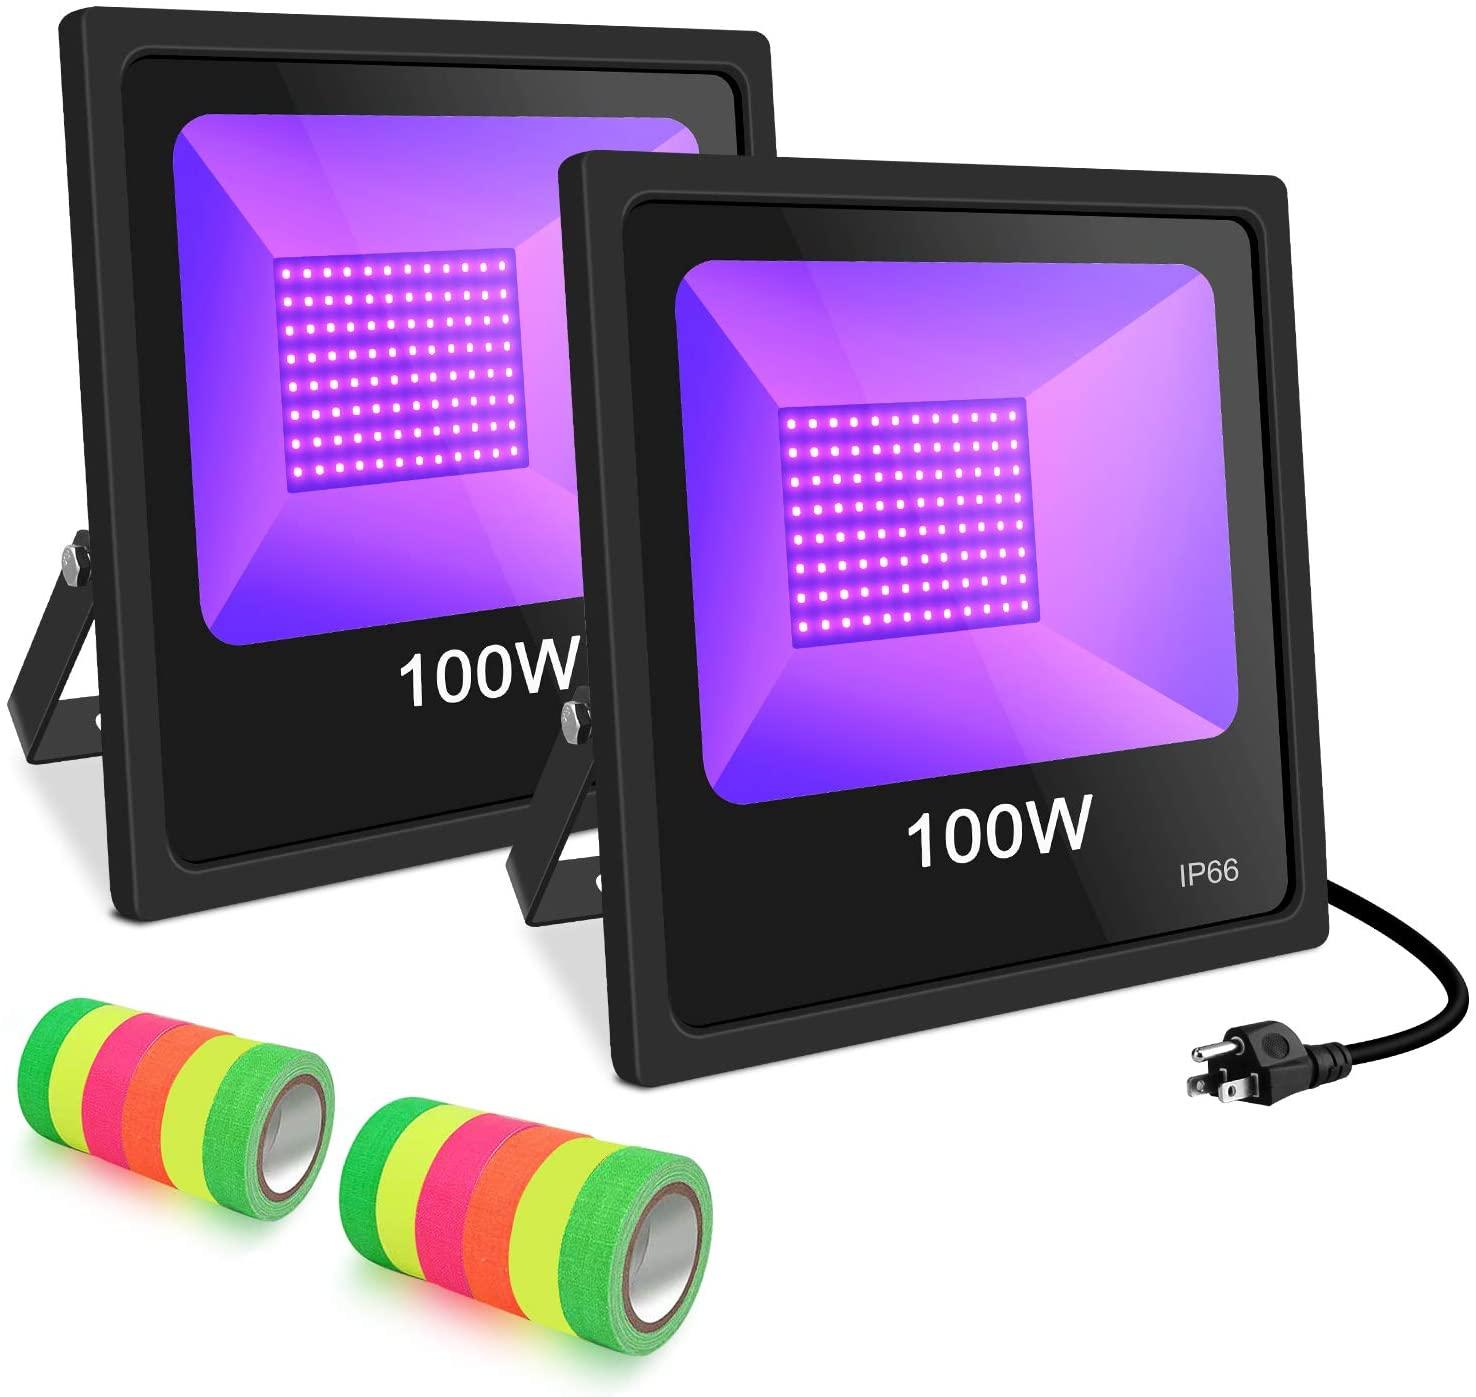 UV LED Black Light, 2 Pack 100W UV LED Floodlight Outdoor IP66 Waterproof Stage Light for Blacklight Party, 12 Fluorescent Neon Glow Gaffer Tape, UV Black Light Flood Light Bulb for DJ Disco